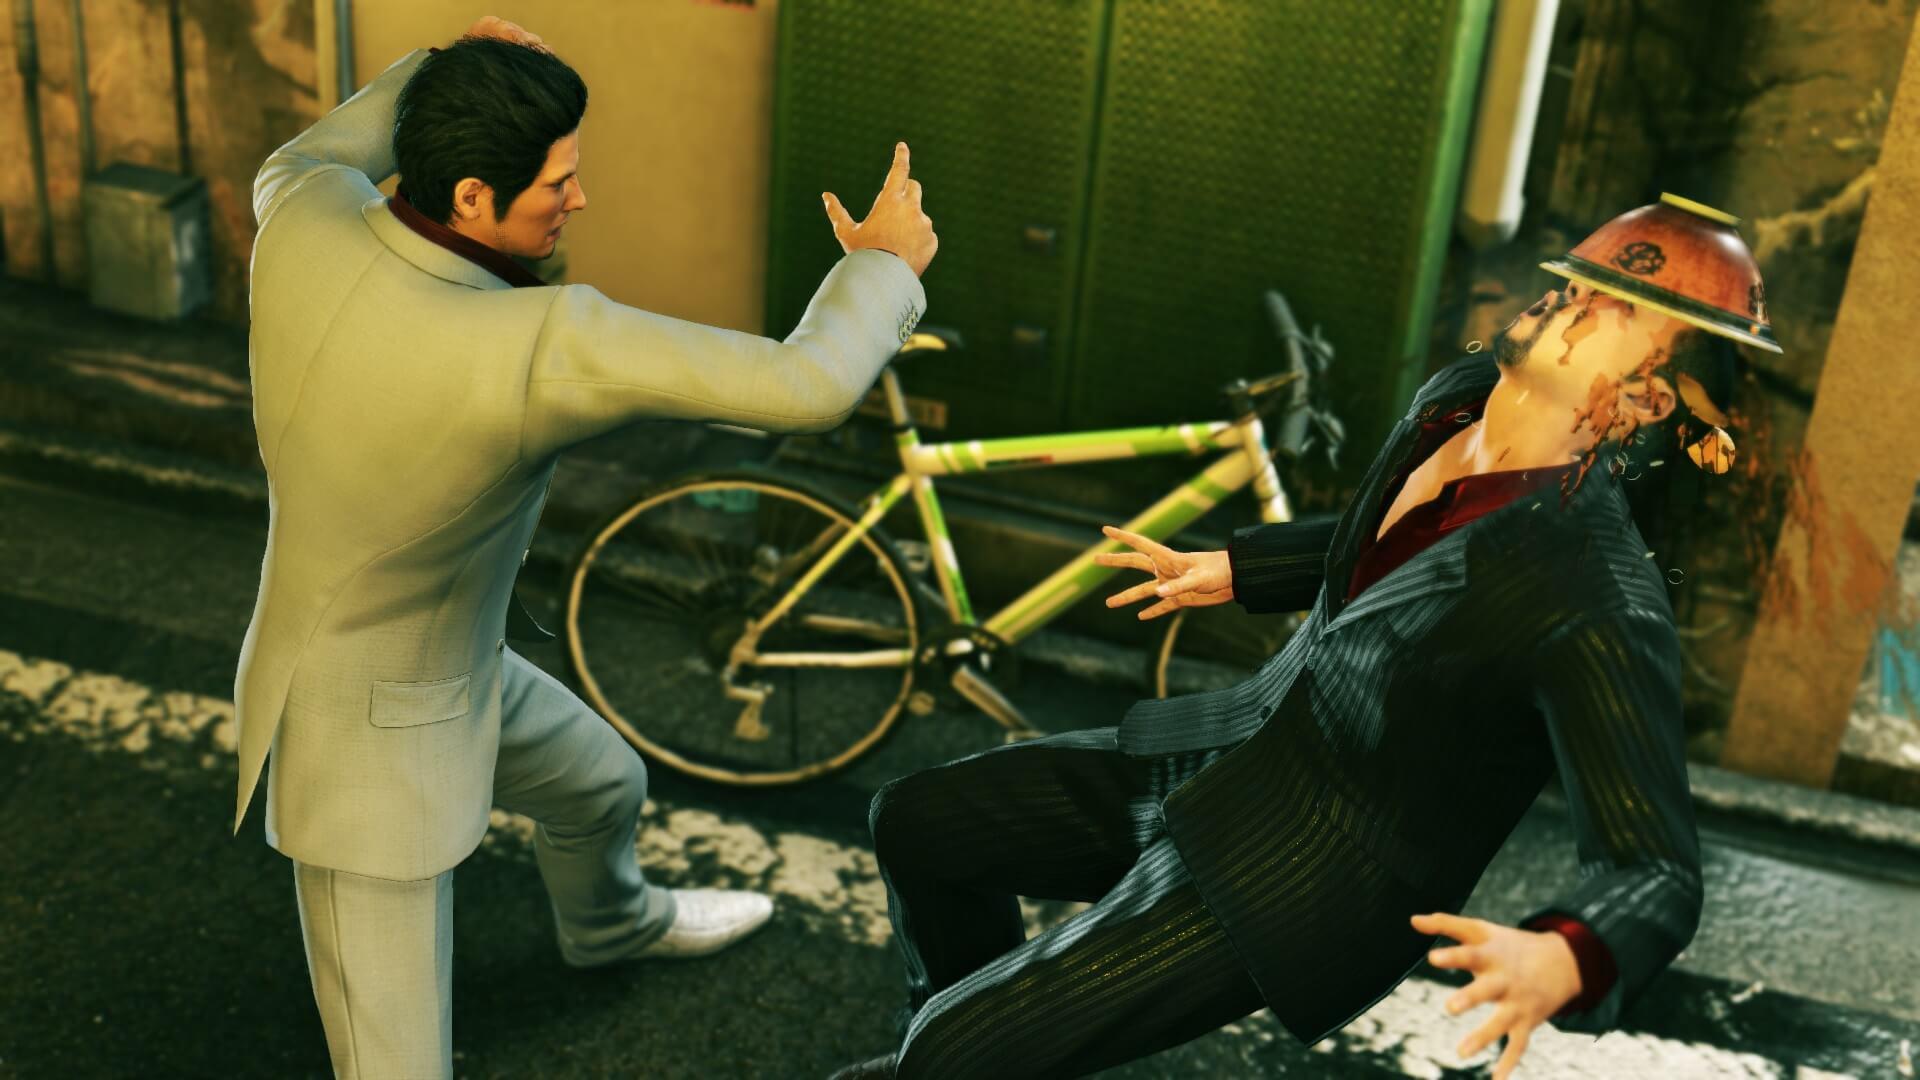 yakuza kiwami 2 oyun hikayesi